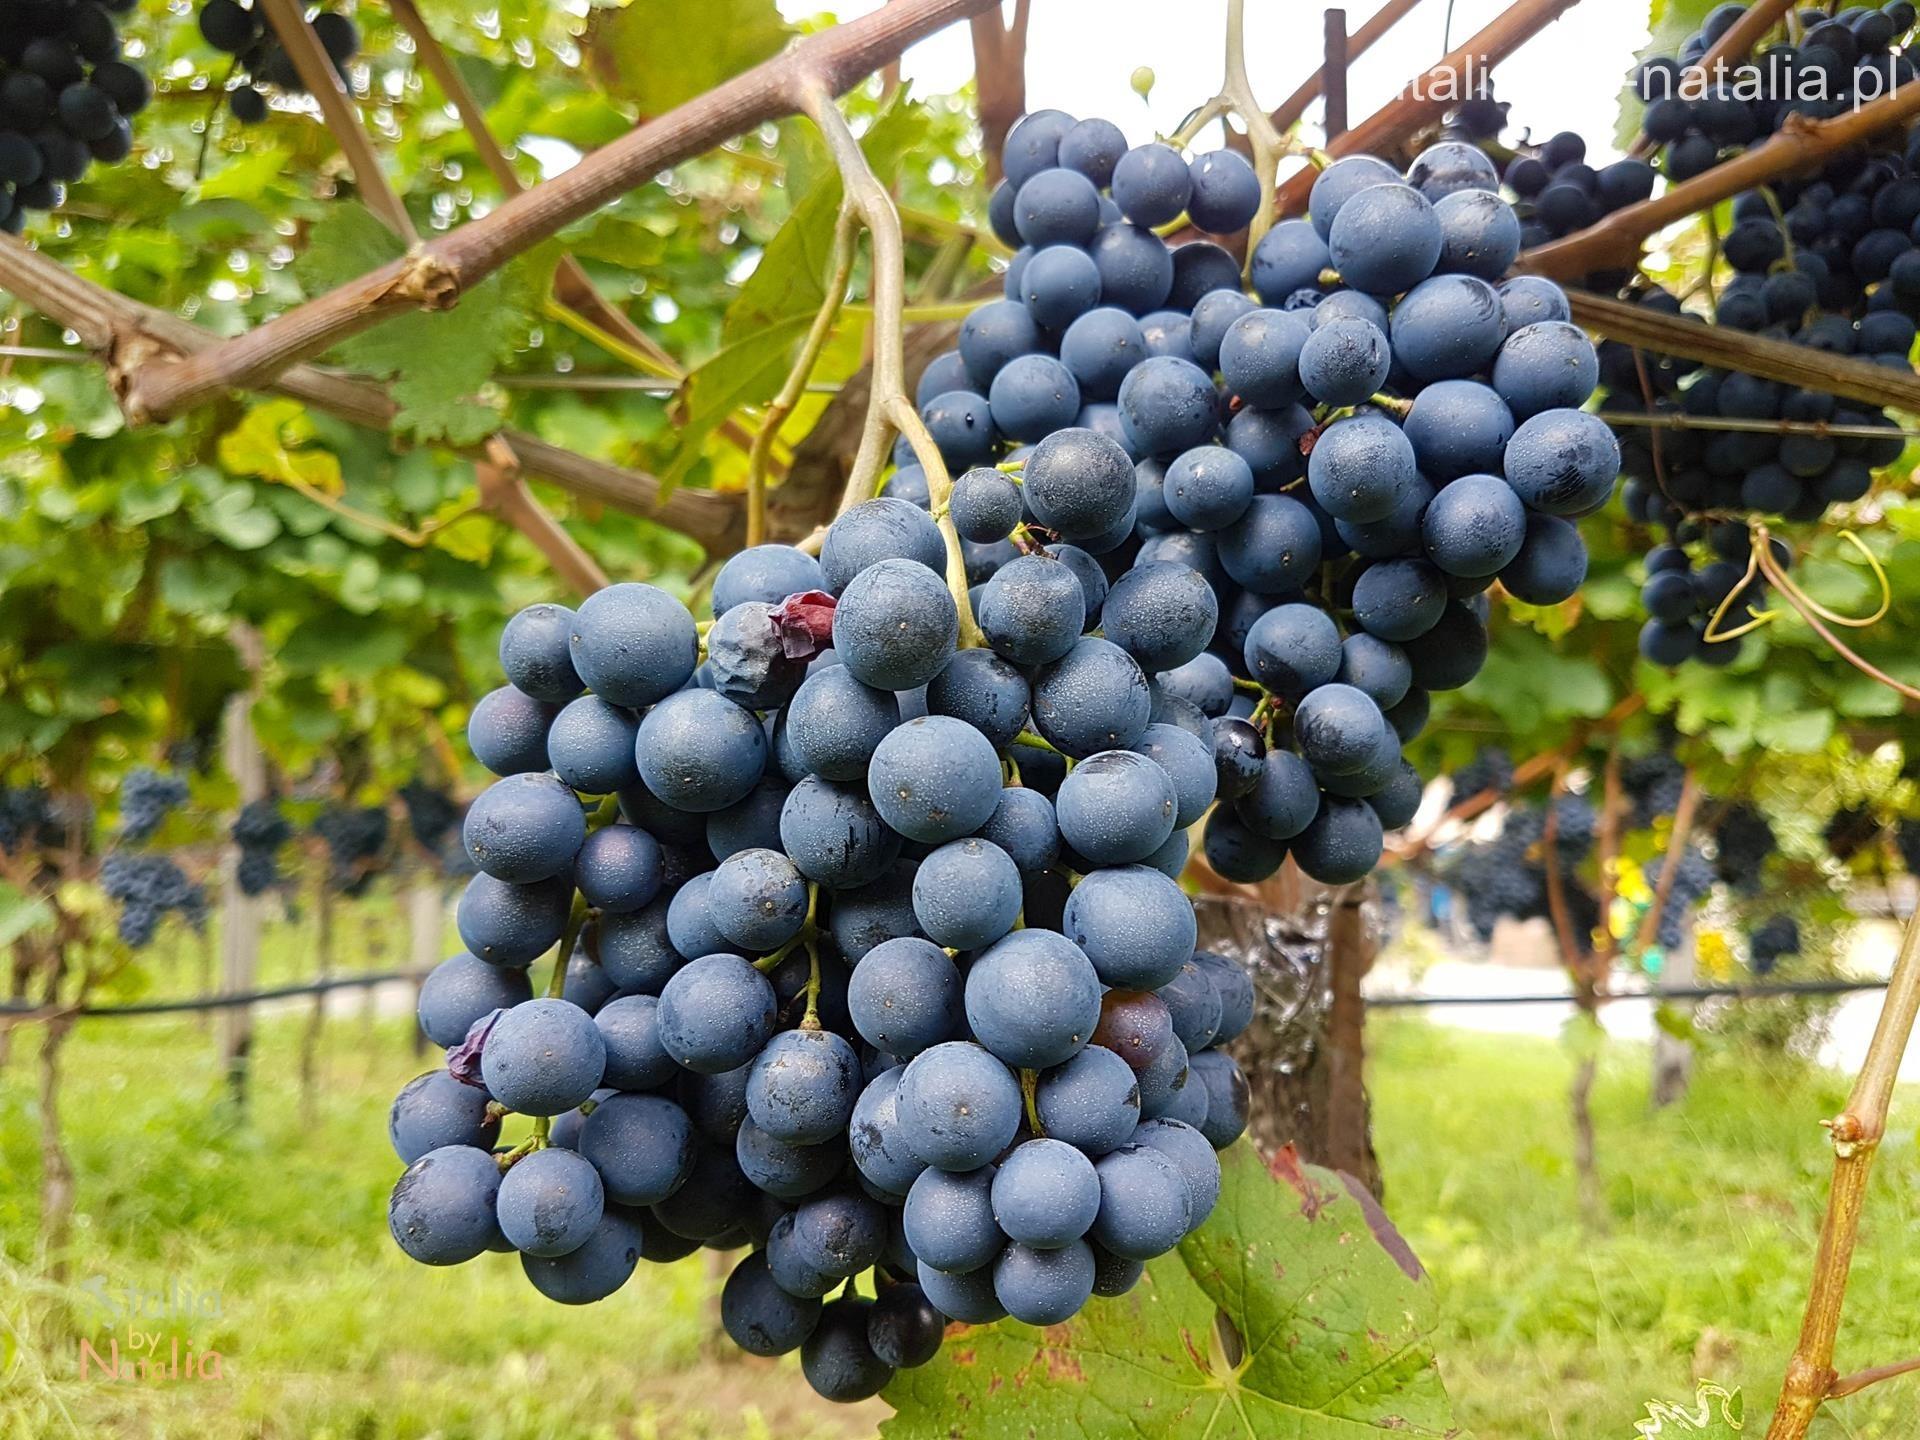 Gino Pedrotti Trentino degustacja wino vino santo nosiola zwiedzanie winnicy